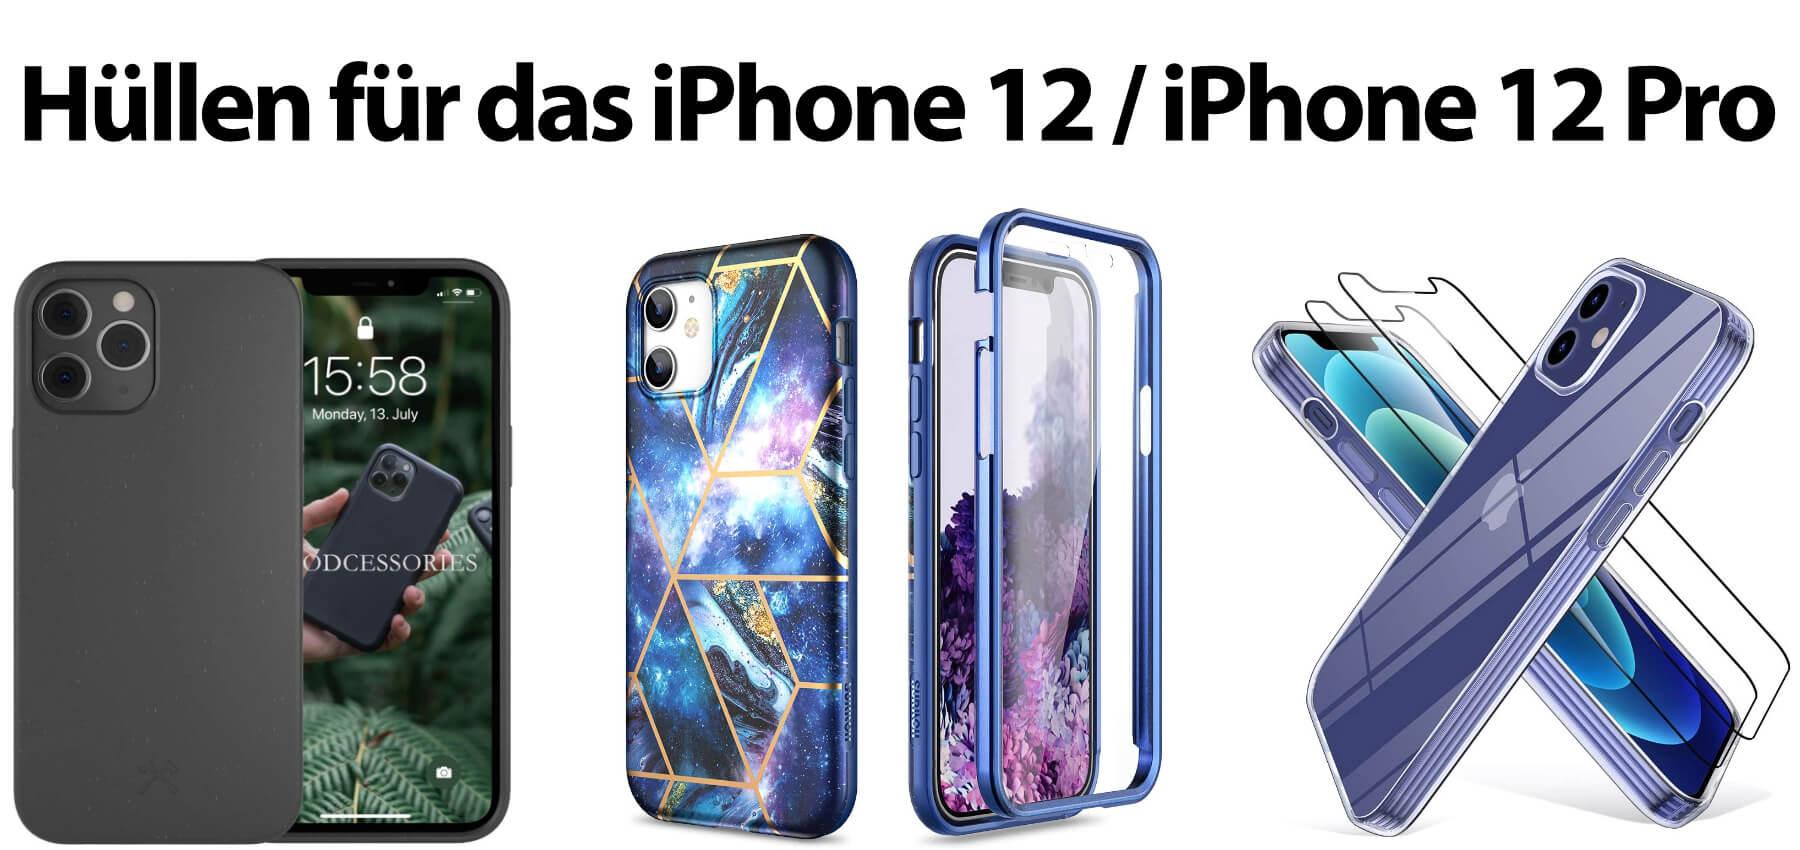 Hier findet ihr verschiedene iPhone 12 Hüllen und das passende iPhone 12 Pro Case. Transparente und bunte Handyhüllen für das Apple-Smartphone aus 2020.